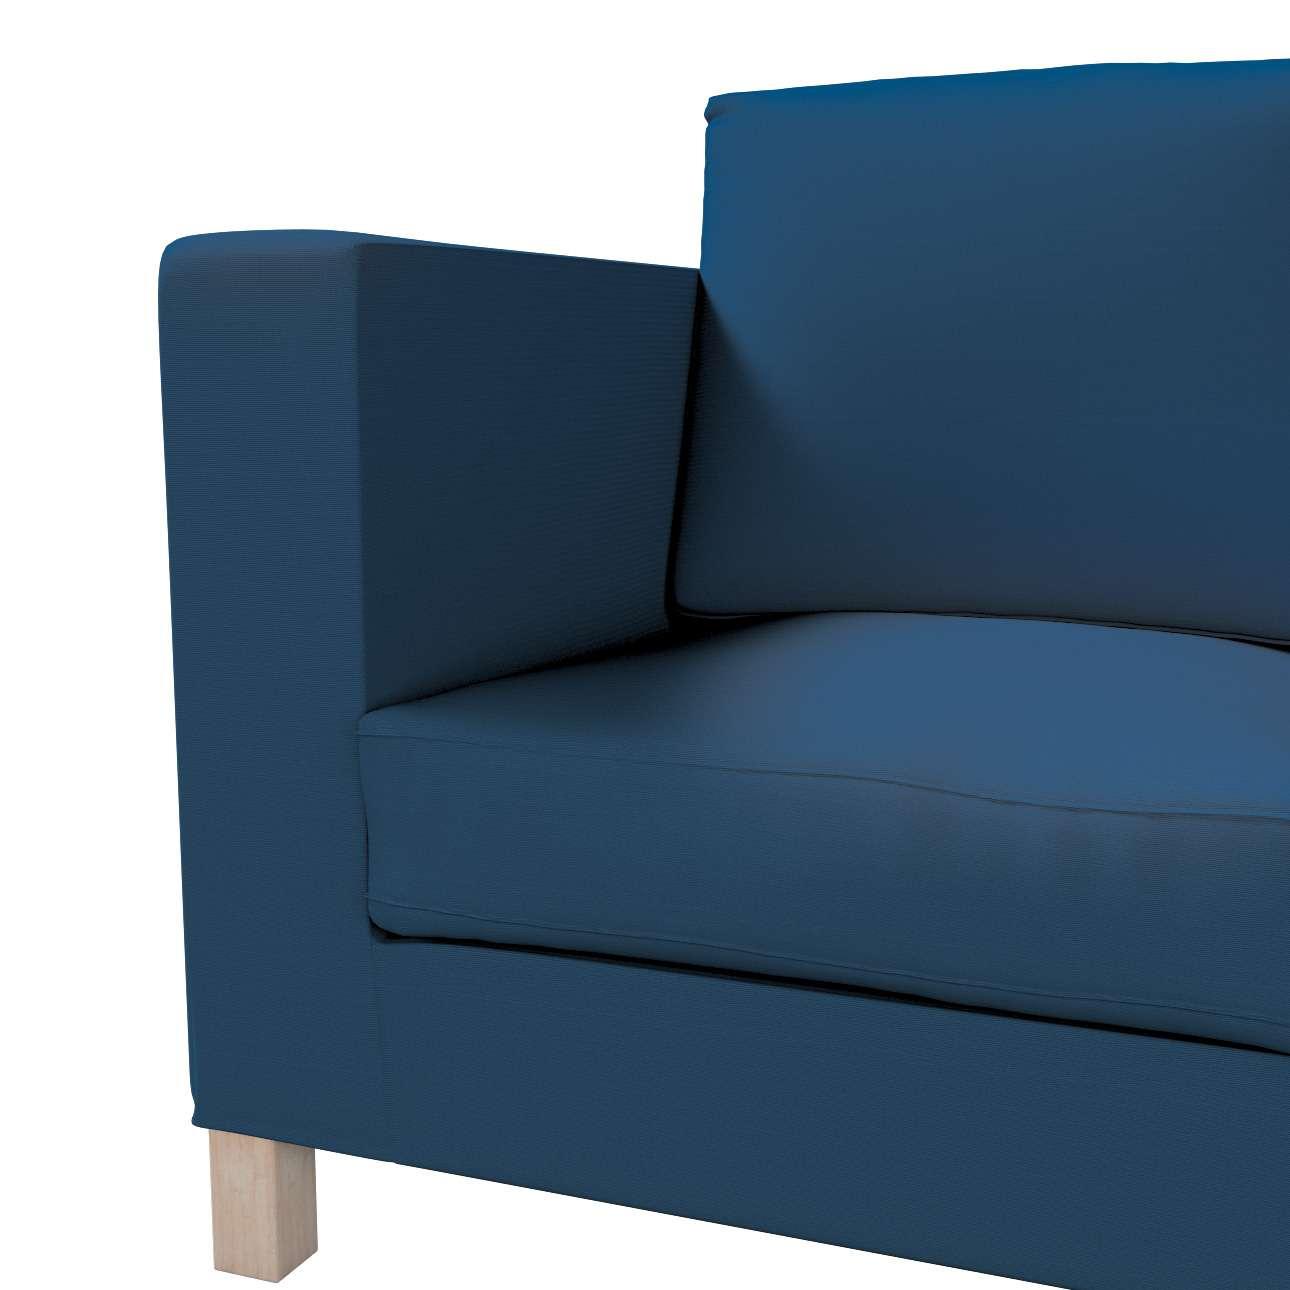 Bezug für Karlanda 3-Sitzer Sofa nicht ausklappbar, kurz von der Kollektion Cotton Panama, Stoff: 702-30